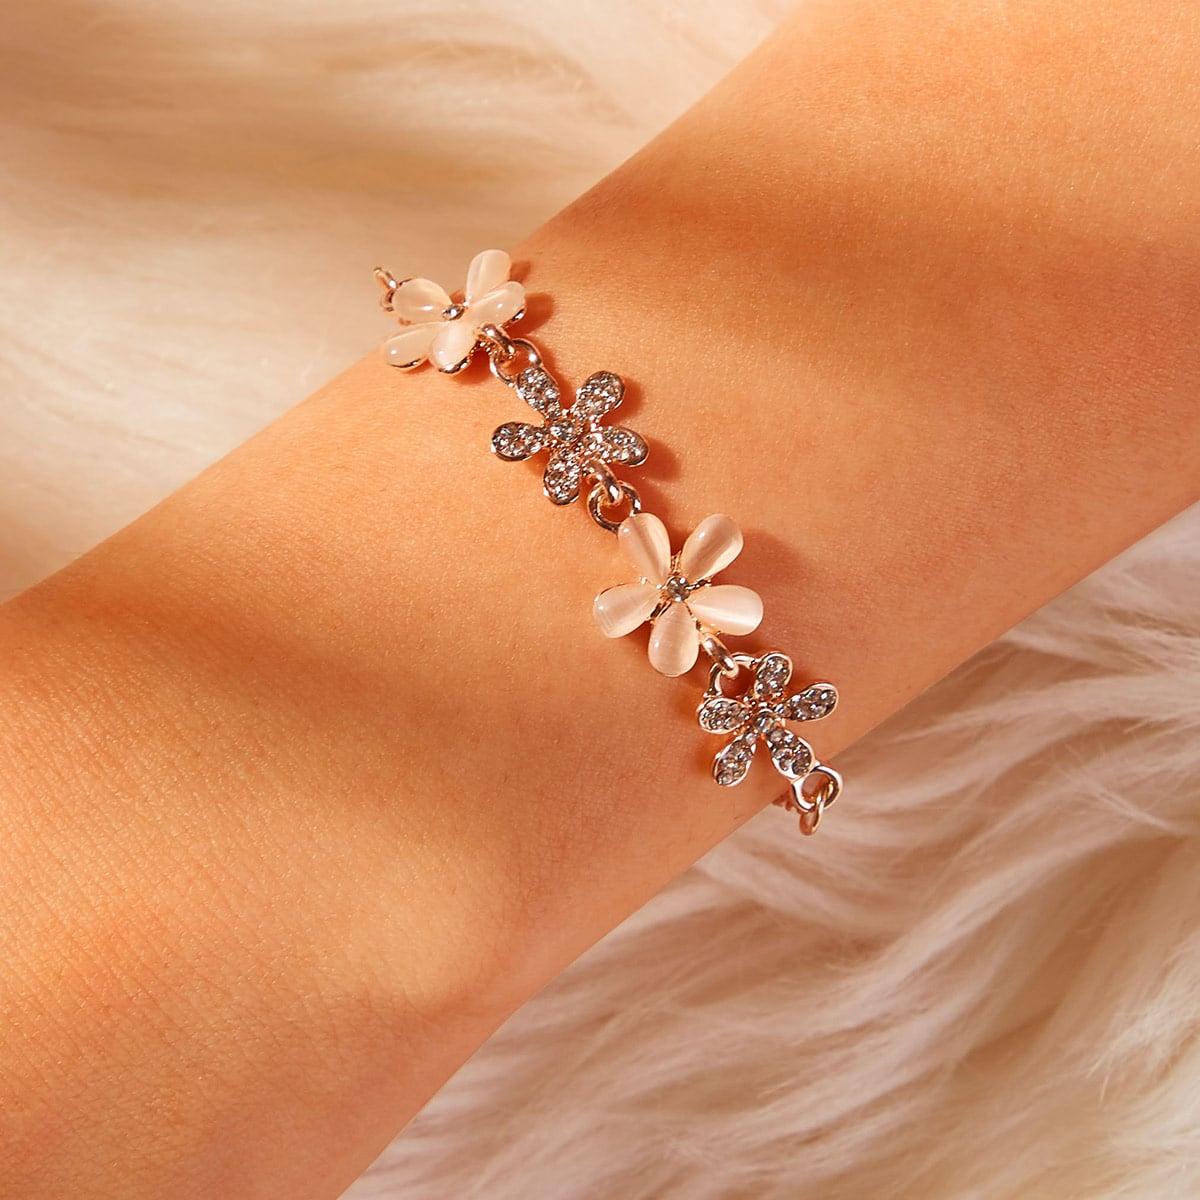 Ожерелье Со Стразами1 шт от SHEIN